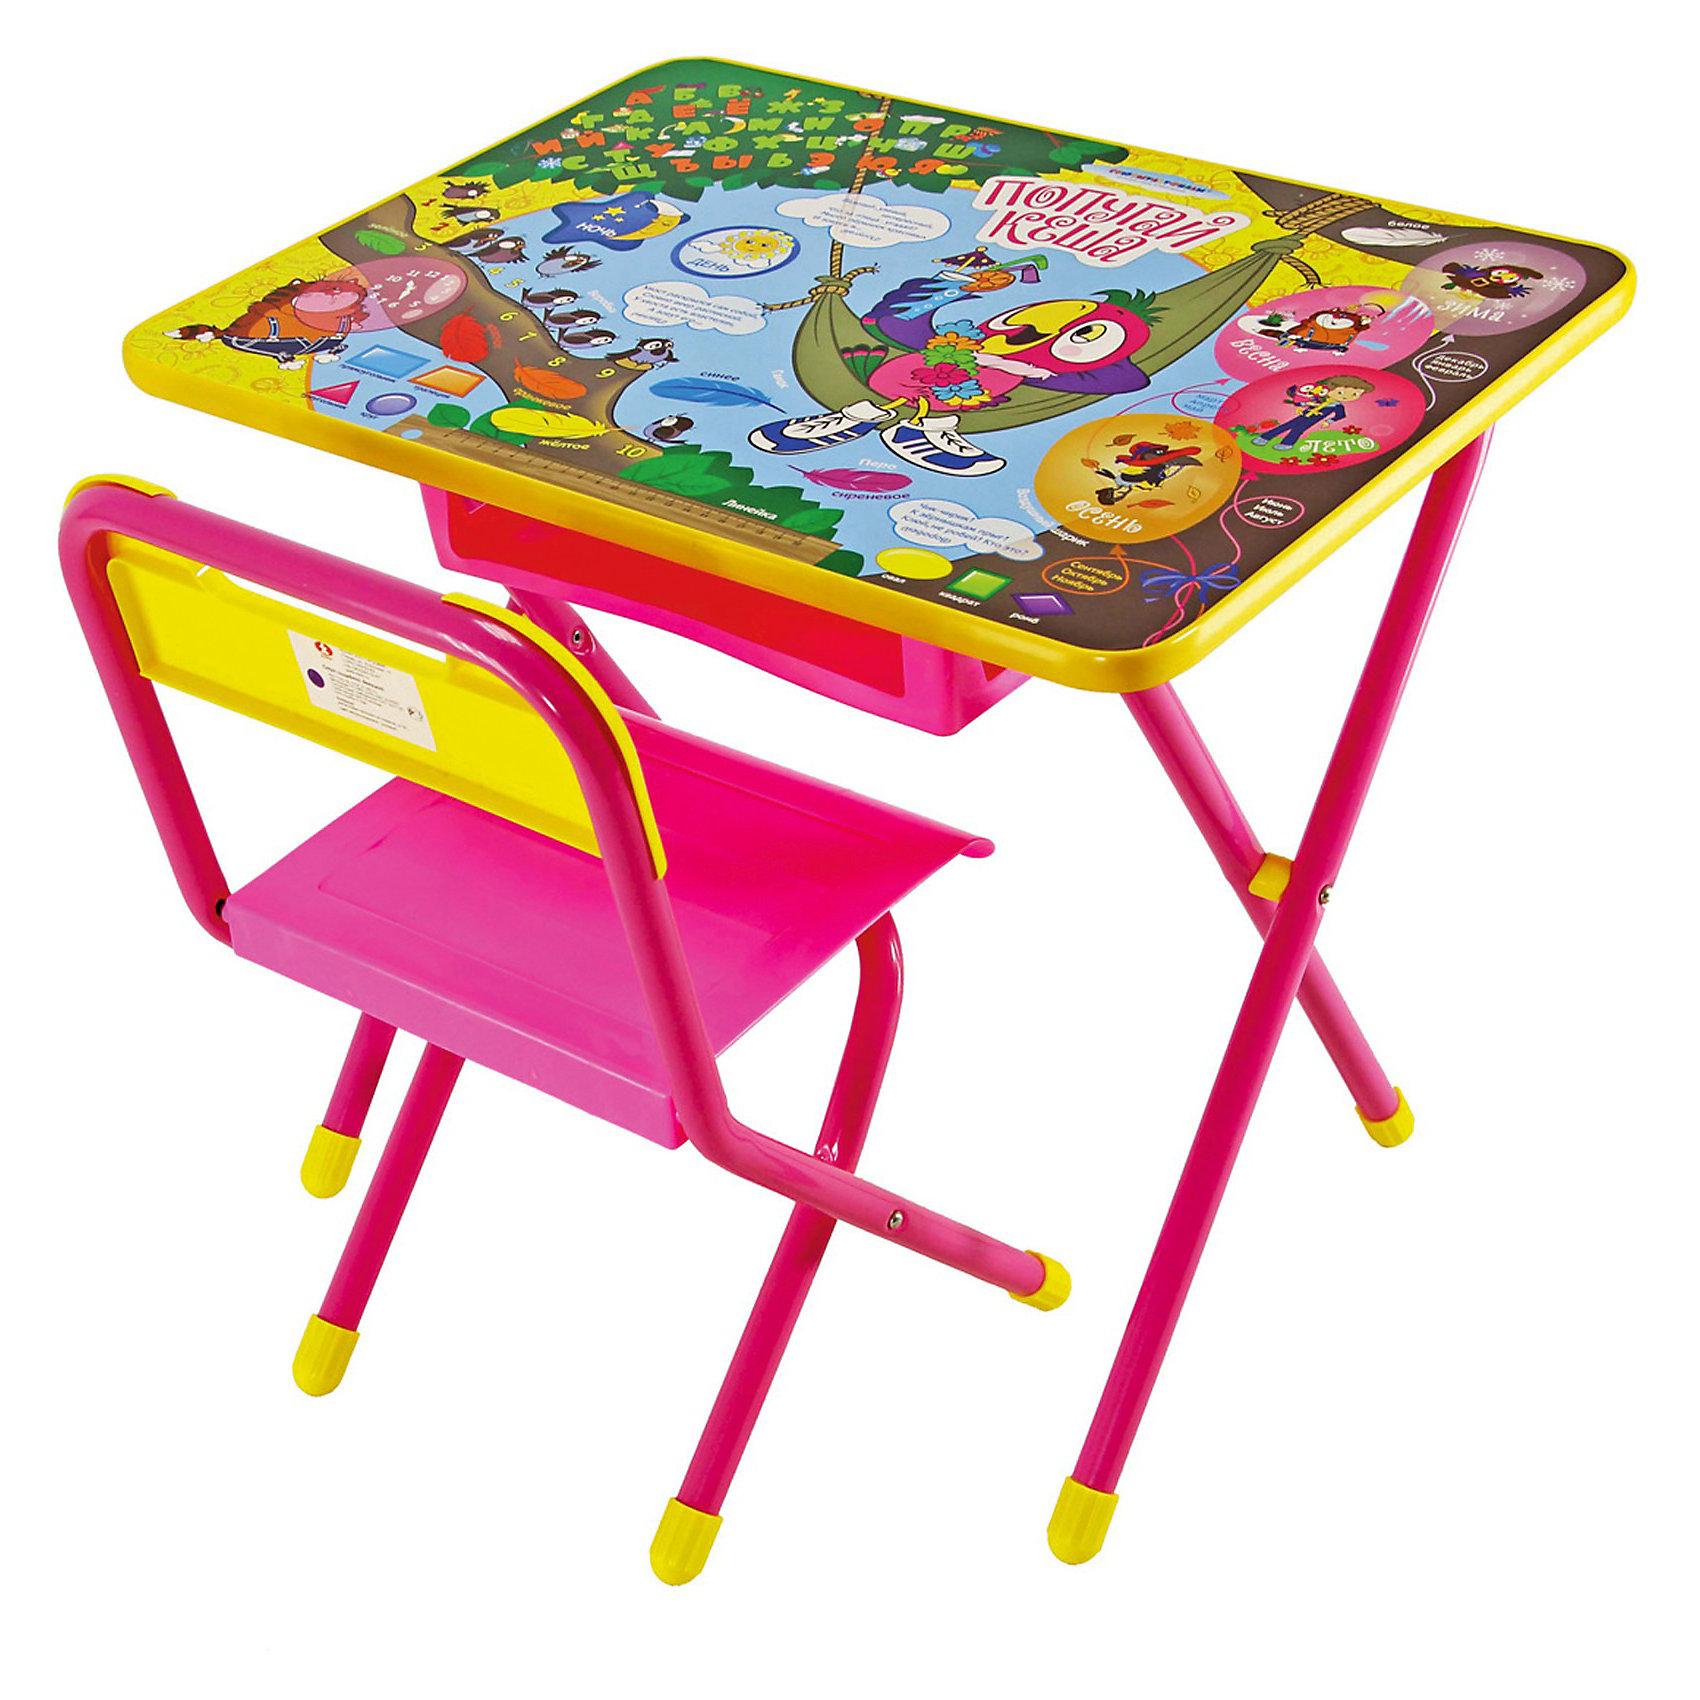 Розовый набор мебели Попугай Кеша (1,5-7 лет), ДэмиВ набор мебели Дэми  Алфавит входит стол и стульчик, которые прекрасно подходят для эксплуатации как дома, так и в дошкольных учреждениях. Может быть использован для детских игр и занятий.<br>Ламинированную столешницу легко очищать.<br>Стол оснащен пеналом для ручек и карандашей, а также вместительным ящиком под столешницей.<br><br>На поверхность нанесен яркий обучающий рисунок, состоящий из букв и цифр, который явно заинтересует ребёнка.<br>За столом Ваш ребенок сможет заниматься рисованием, лепкой, чтением или просто играть.<br>При необходимости набор легко складывает и убирается, поэтому он подходит даже для помещений маленькой площади.<br><br>Дополнительная информация:<br><br>- вес: 8 кг. <br>- цвет: розовый <br>- размеры: 15х64х74 см.<br>- материал: металл, пластмасса <br>- размеры столешницы: 45х60 см.<br>- высота до плоскости столешницы: 46 см.<br>- высота по сиденью: 26 см.<br>- высота верхнего края спинки: 24 см.<br>- допустимая нагрузка на сиденье до 30 кг.<br><br>Набор детской мебели Попугай Кеша, Дэми, розовый можно купить в нашем интернет магазине.<br><br>Ширина мм: 150<br>Глубина мм: 740<br>Высота мм: 640<br>Вес г: 8000<br>Возраст от месяцев: 18<br>Возраст до месяцев: 84<br>Пол: Женский<br>Возраст: Детский<br>SKU: 3530358